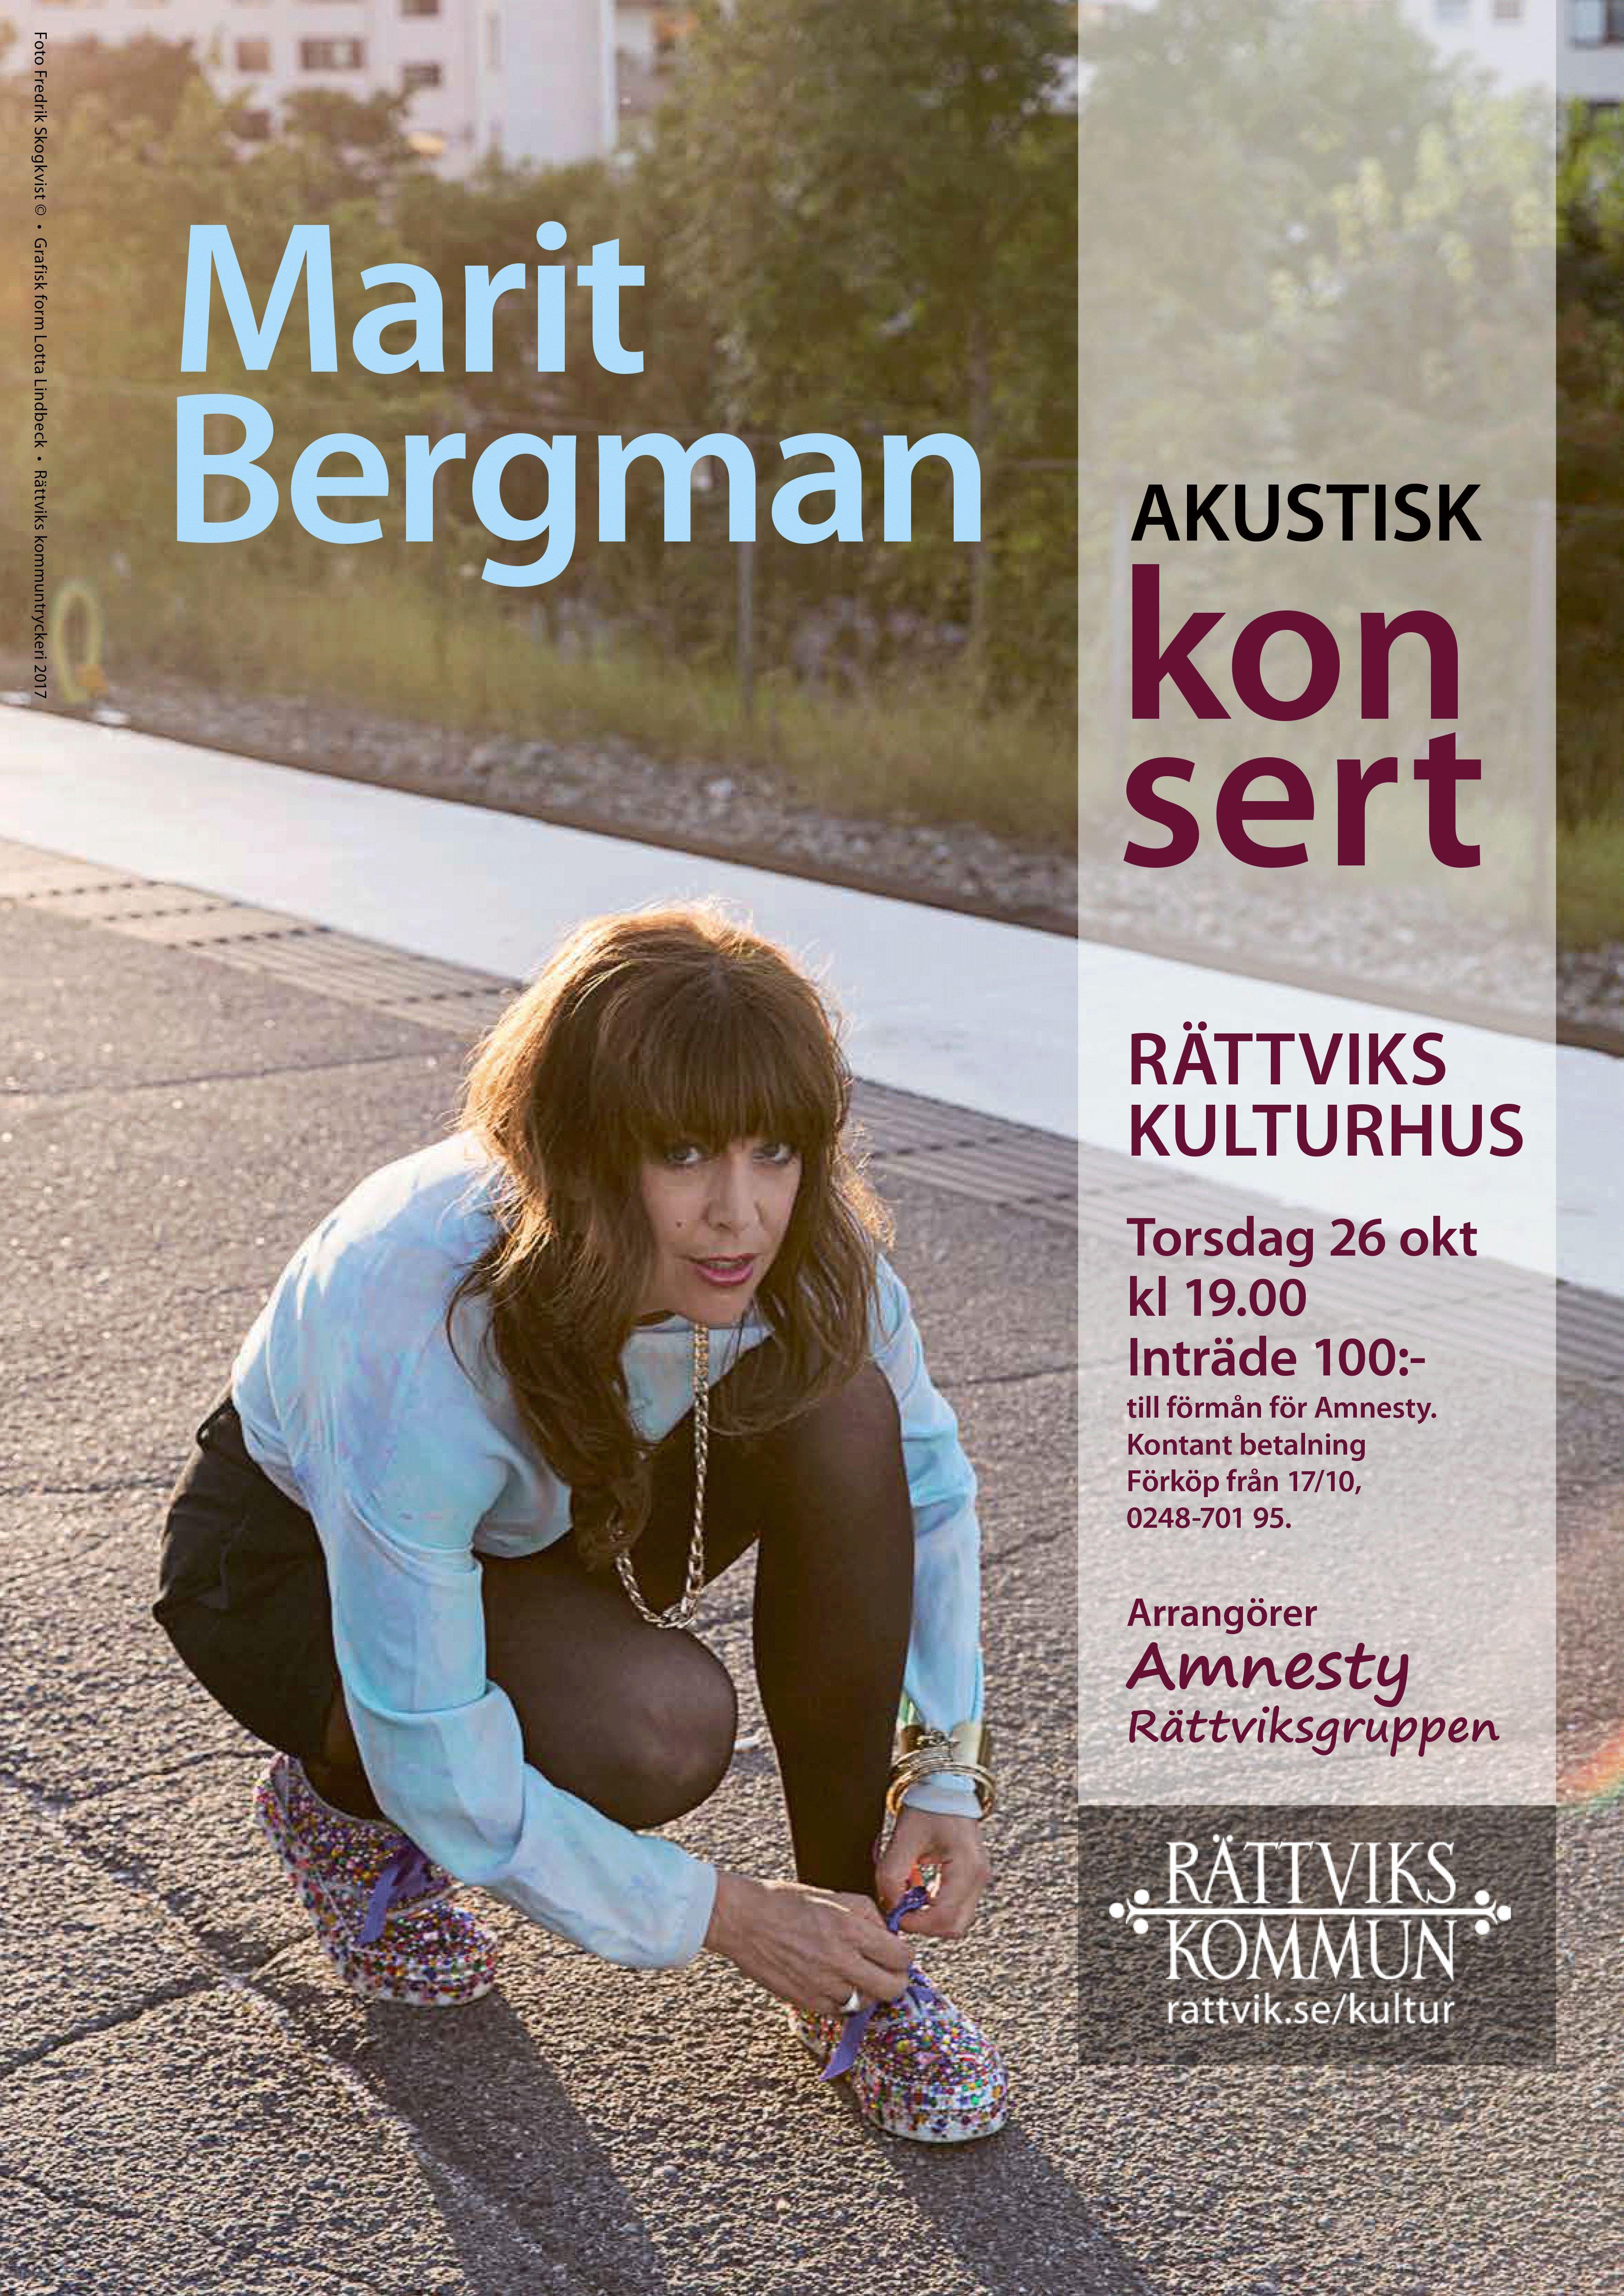 Akustisk konsert med Marit Bergman